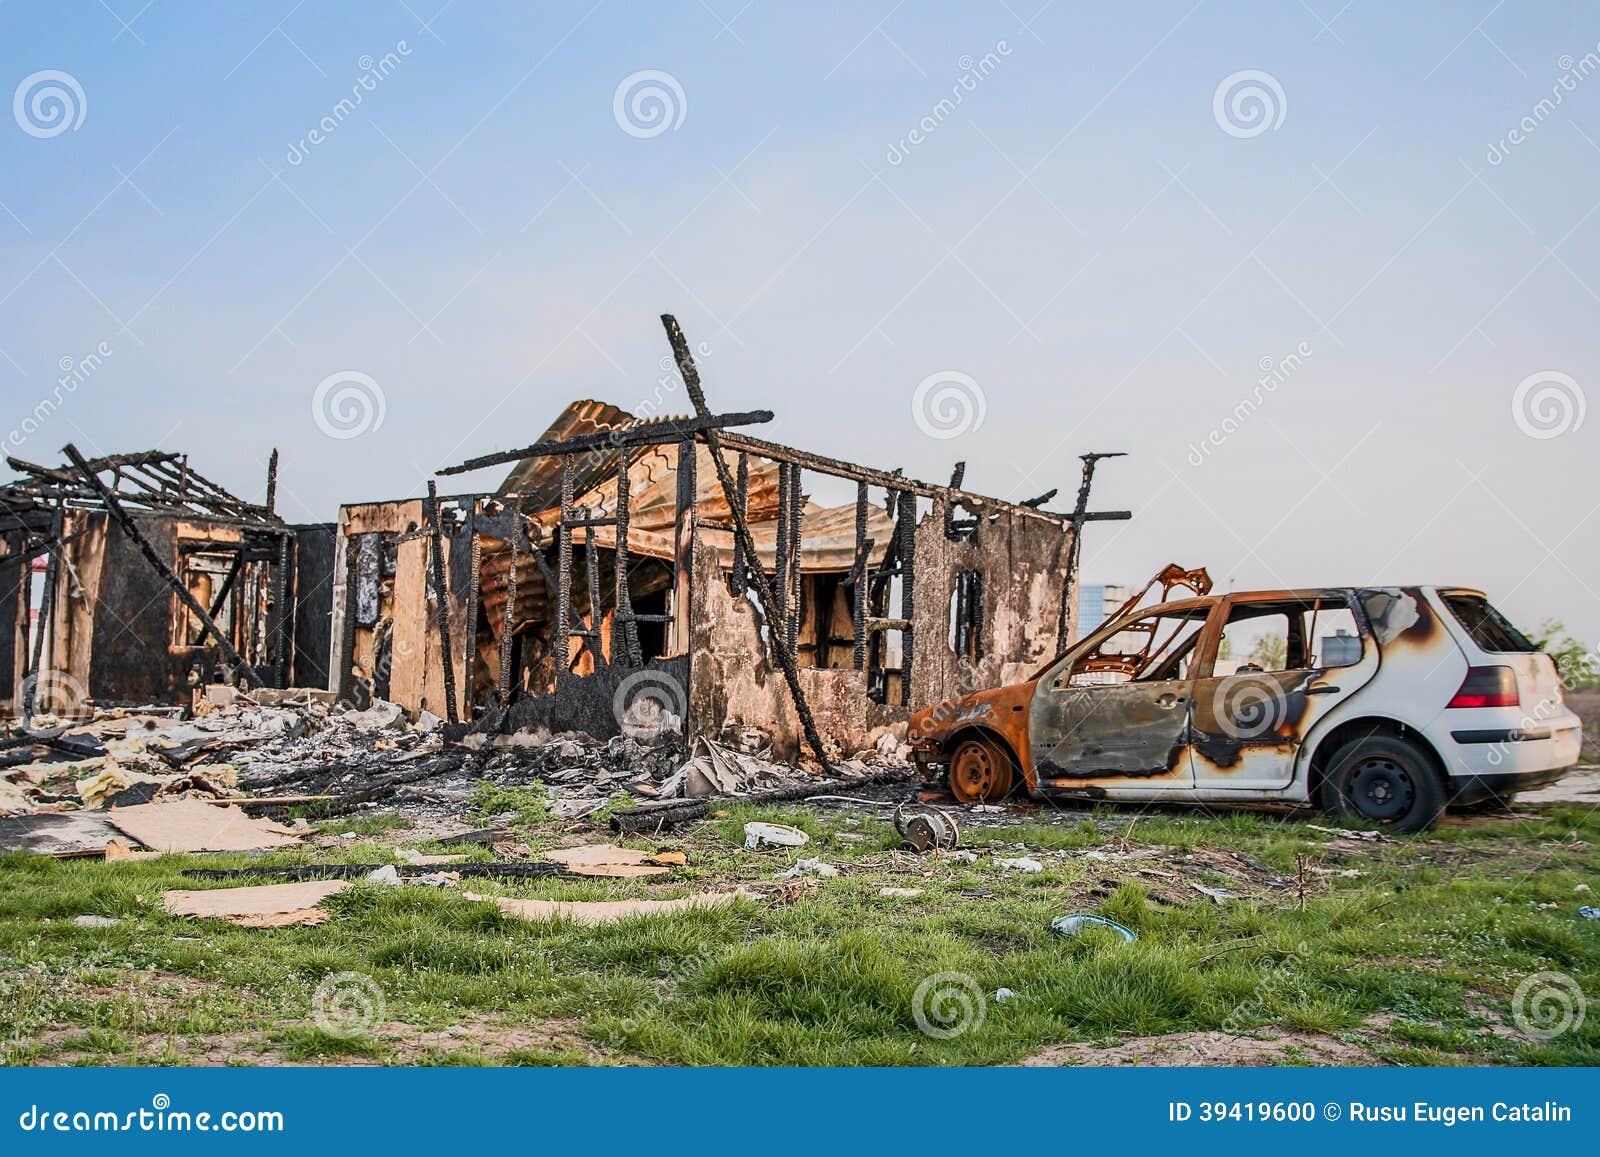 La maison loge l 39 assurance br l e par v hicules de voiture for Assurance auto maison